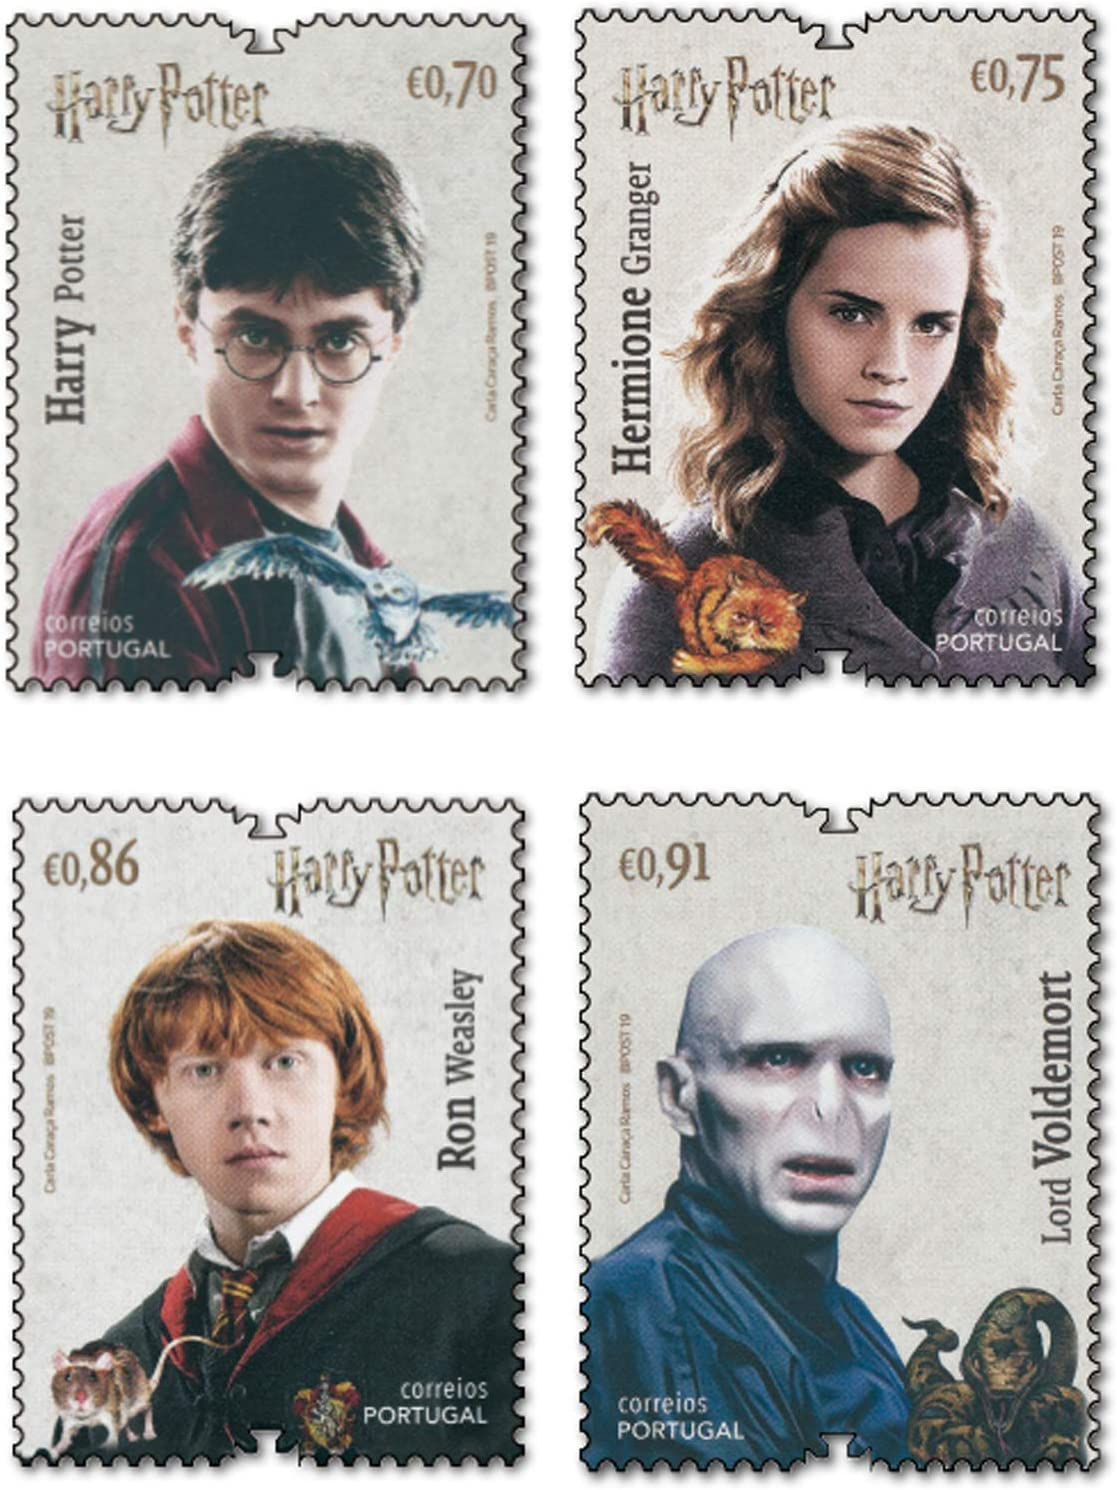 Portugal 4 Briefmarken Hermine Granger postfrisch Lord Voldemort Ron Weasley Harry Potter 2019